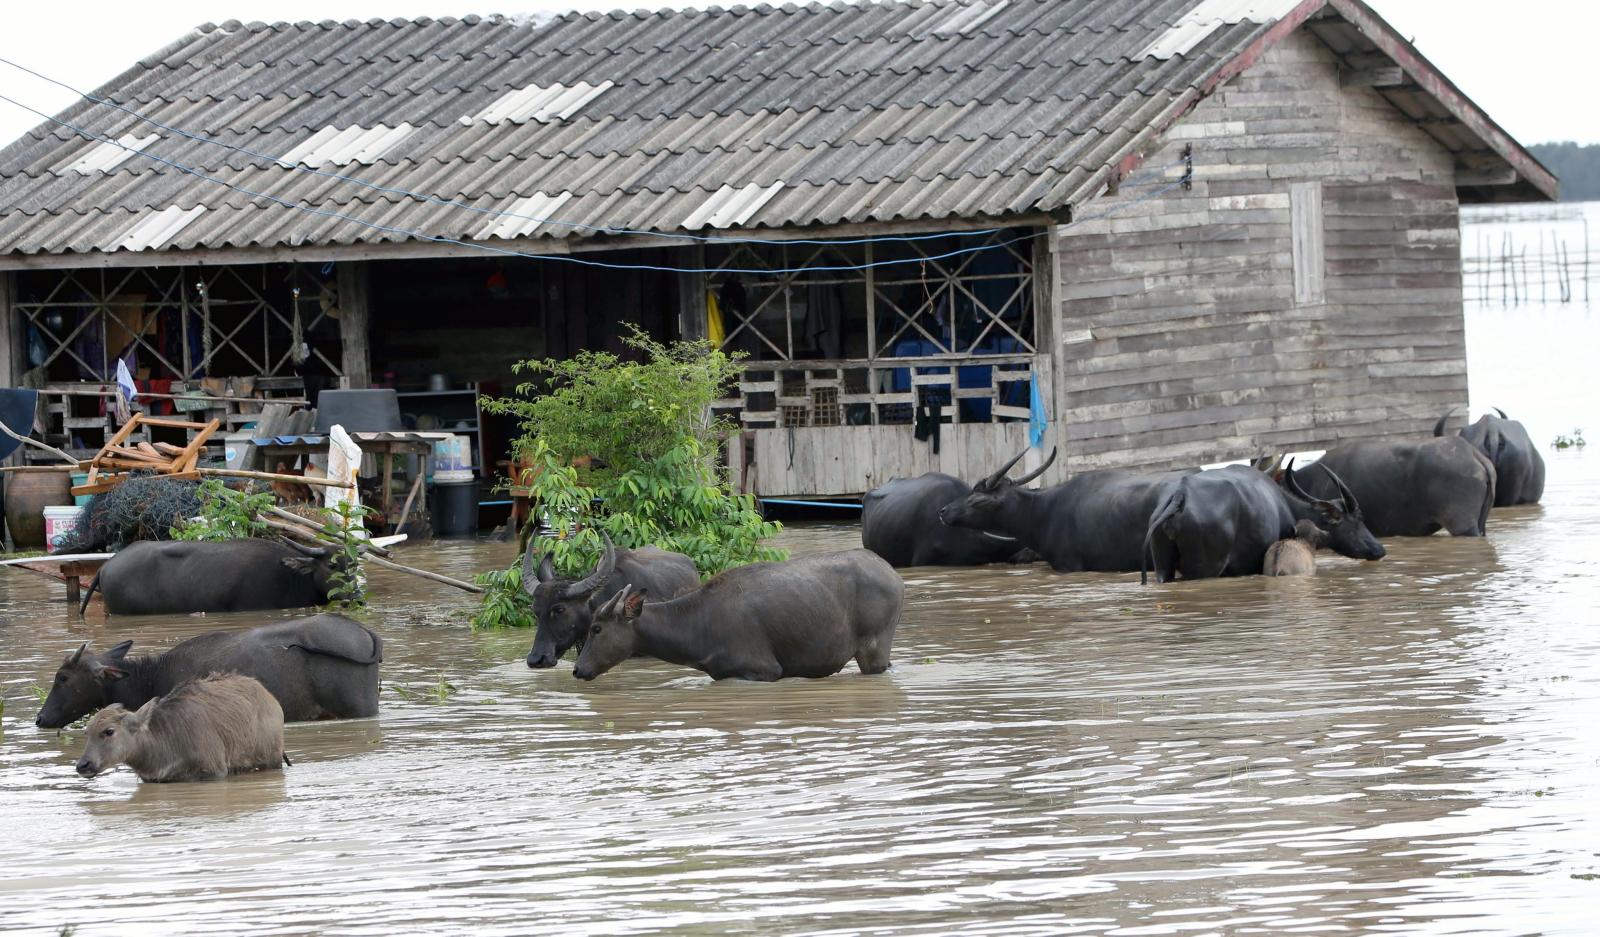 Powodzie w Tajlandii.  Fot. PAP/EPA/STR THAILAND OUT